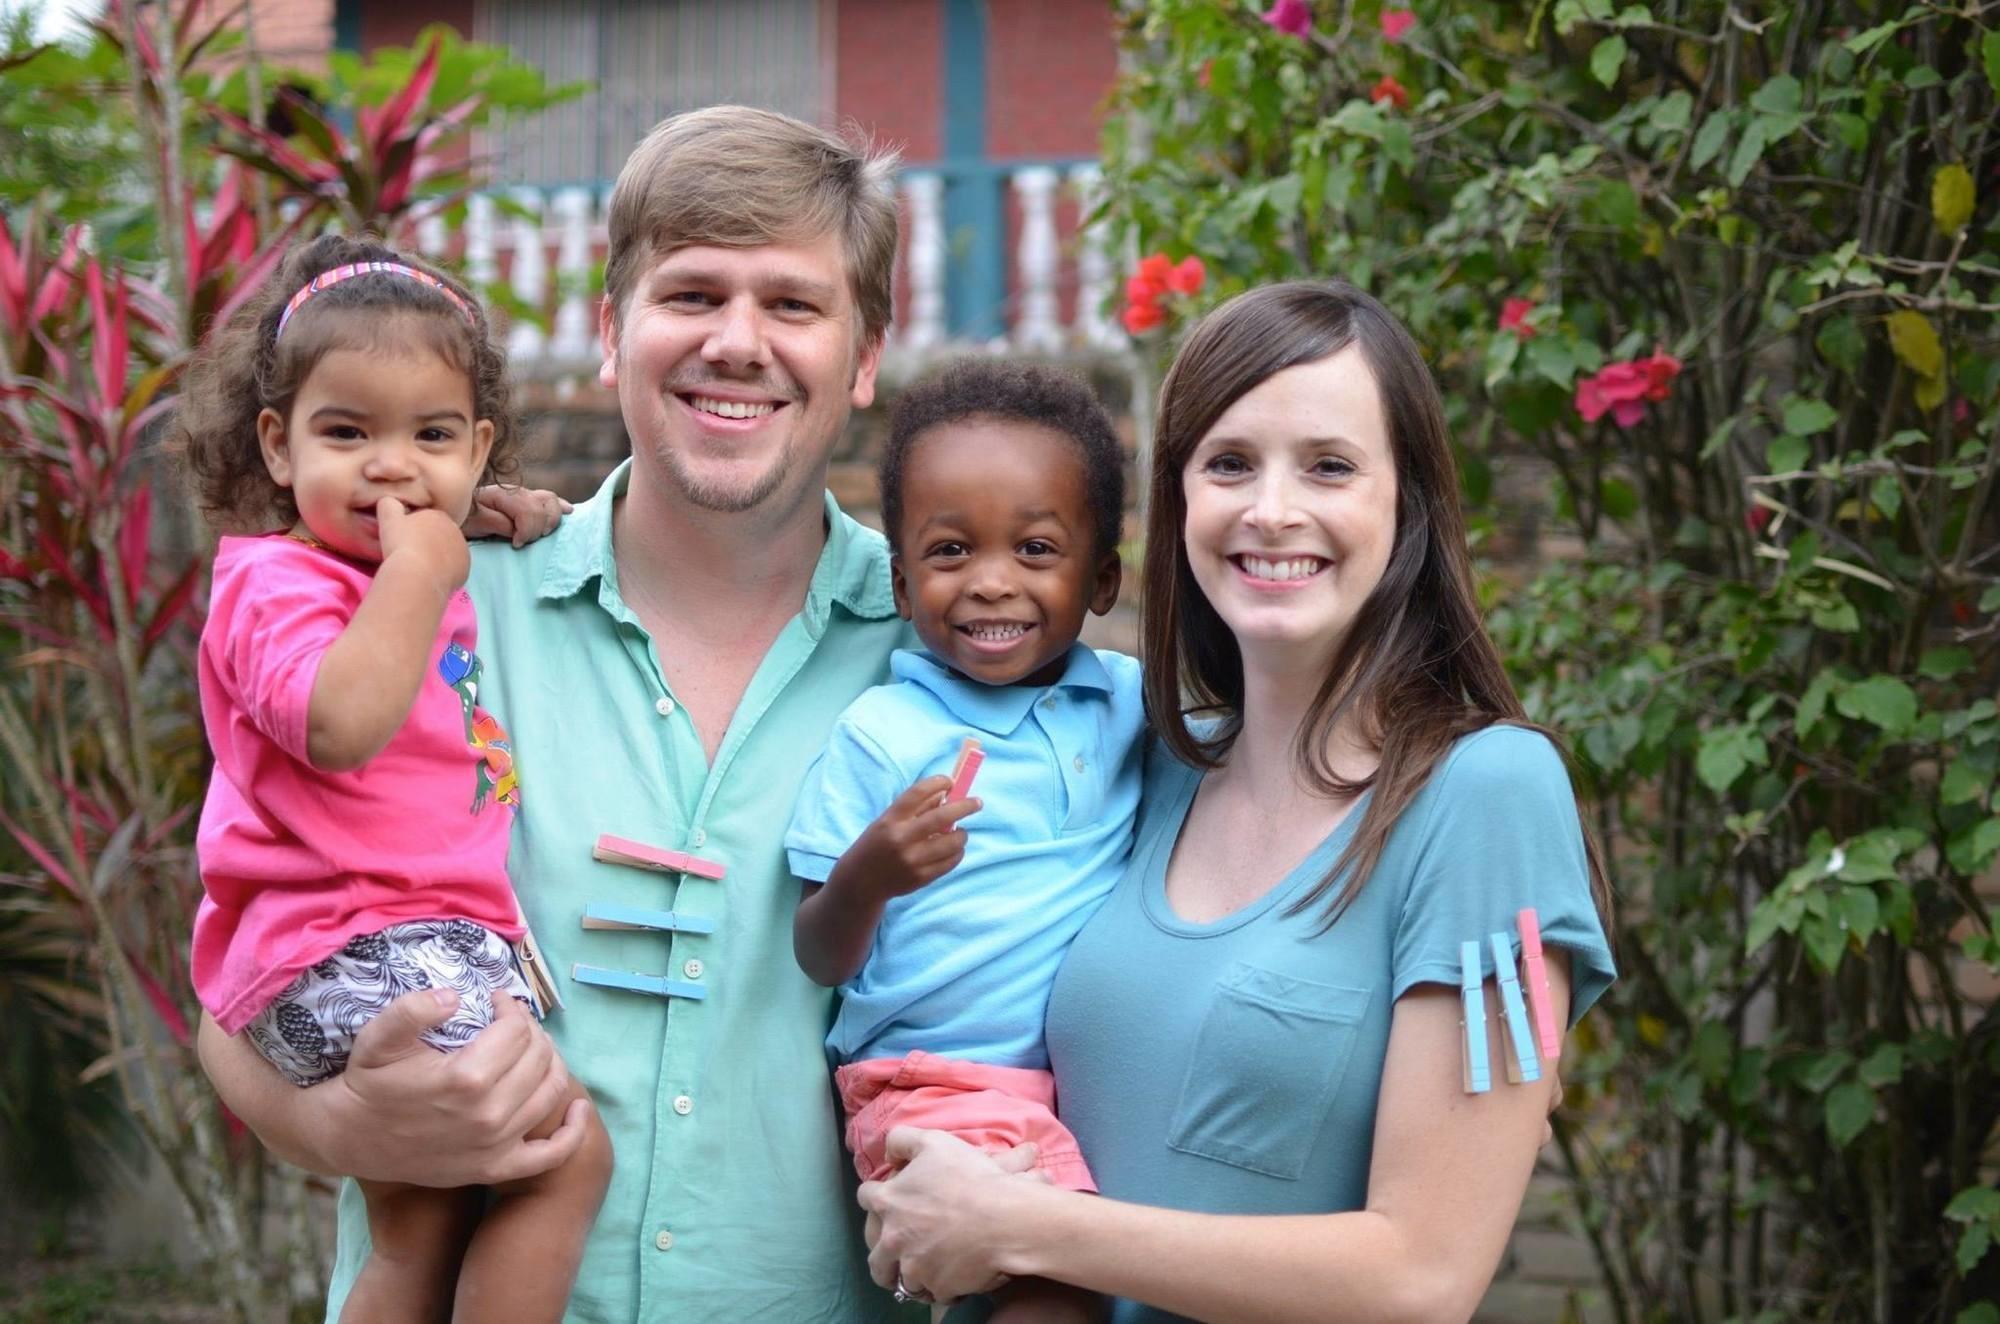 這對白人夫妻超恩愛…老婆懷孕後卻生下「3個黑人寶寶」 老公反而笑得很開心?